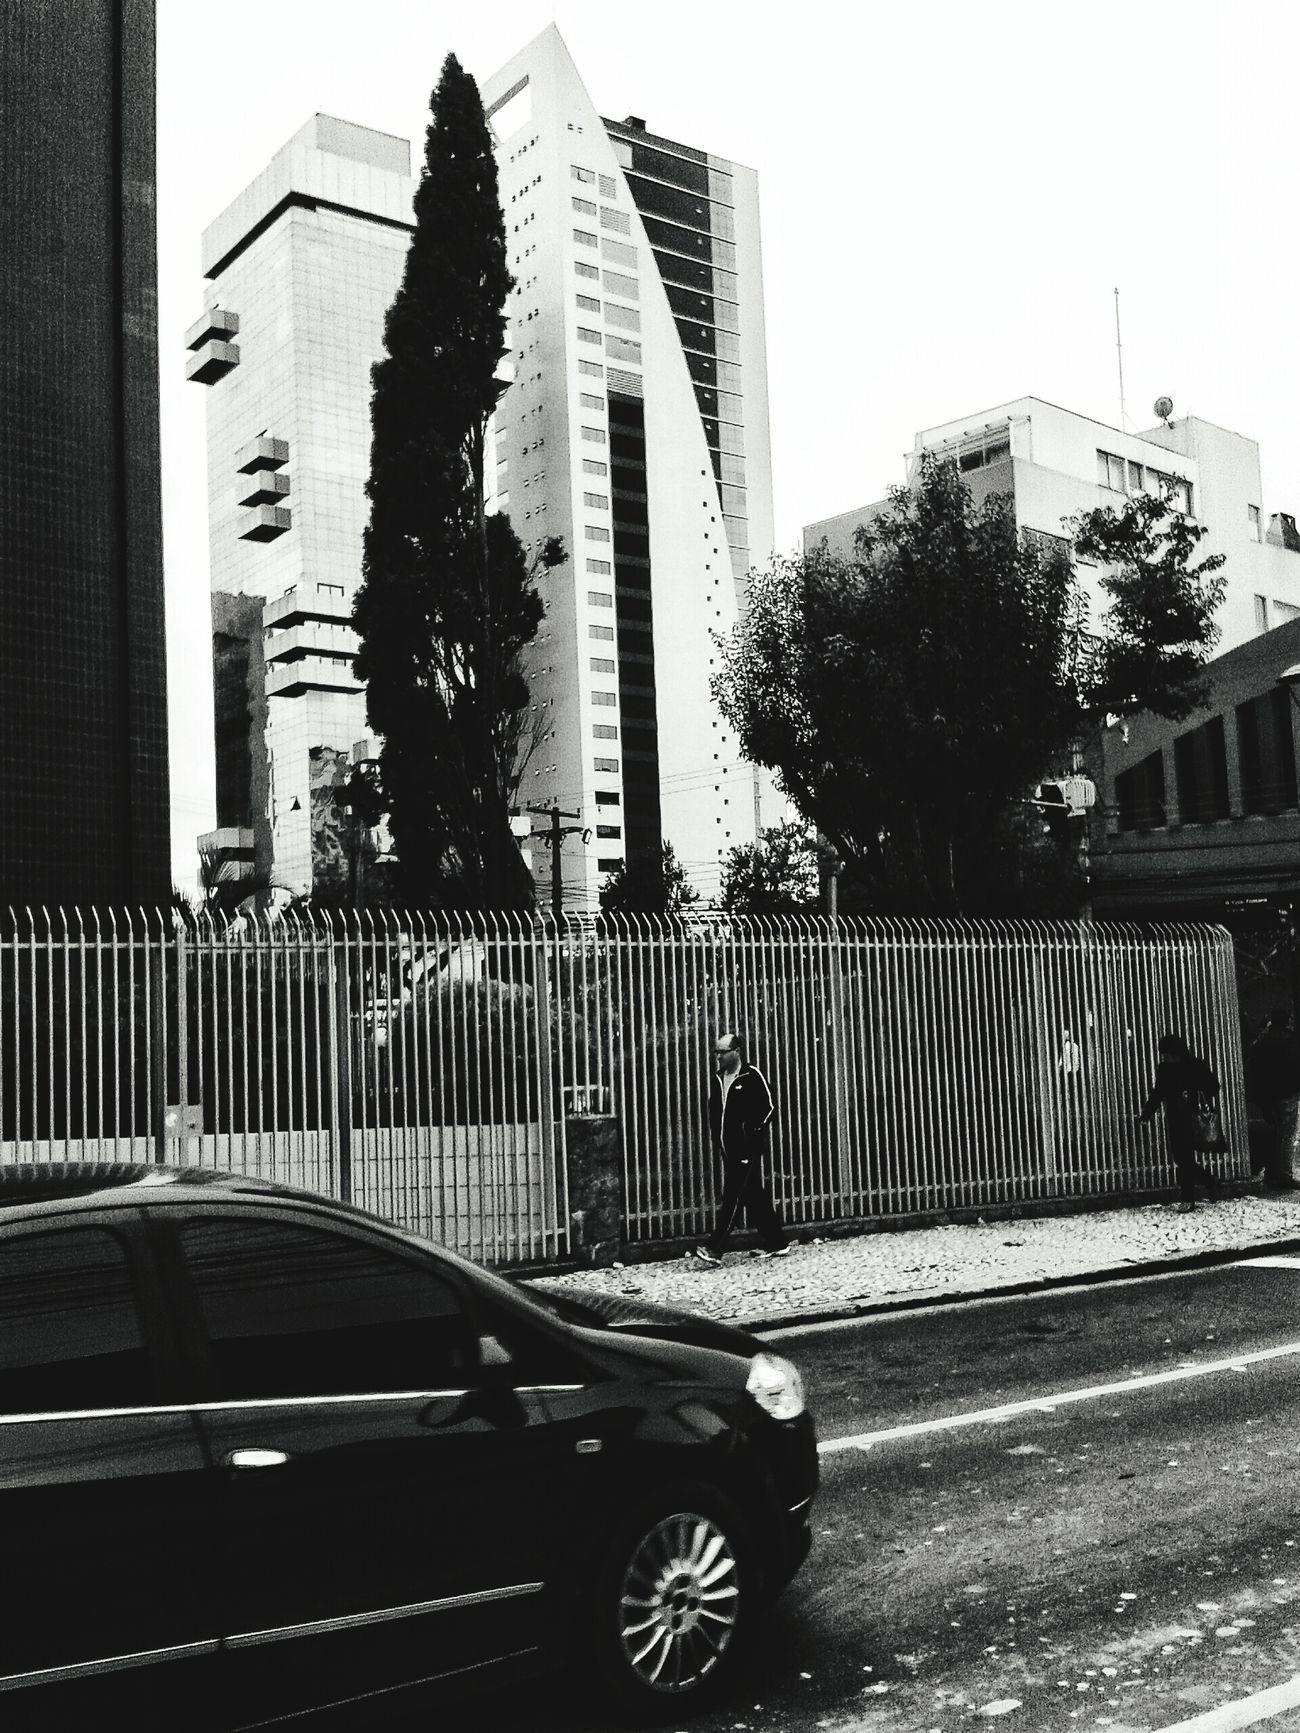 Blackandwhite Curitiba, Brazil Buildings Passed